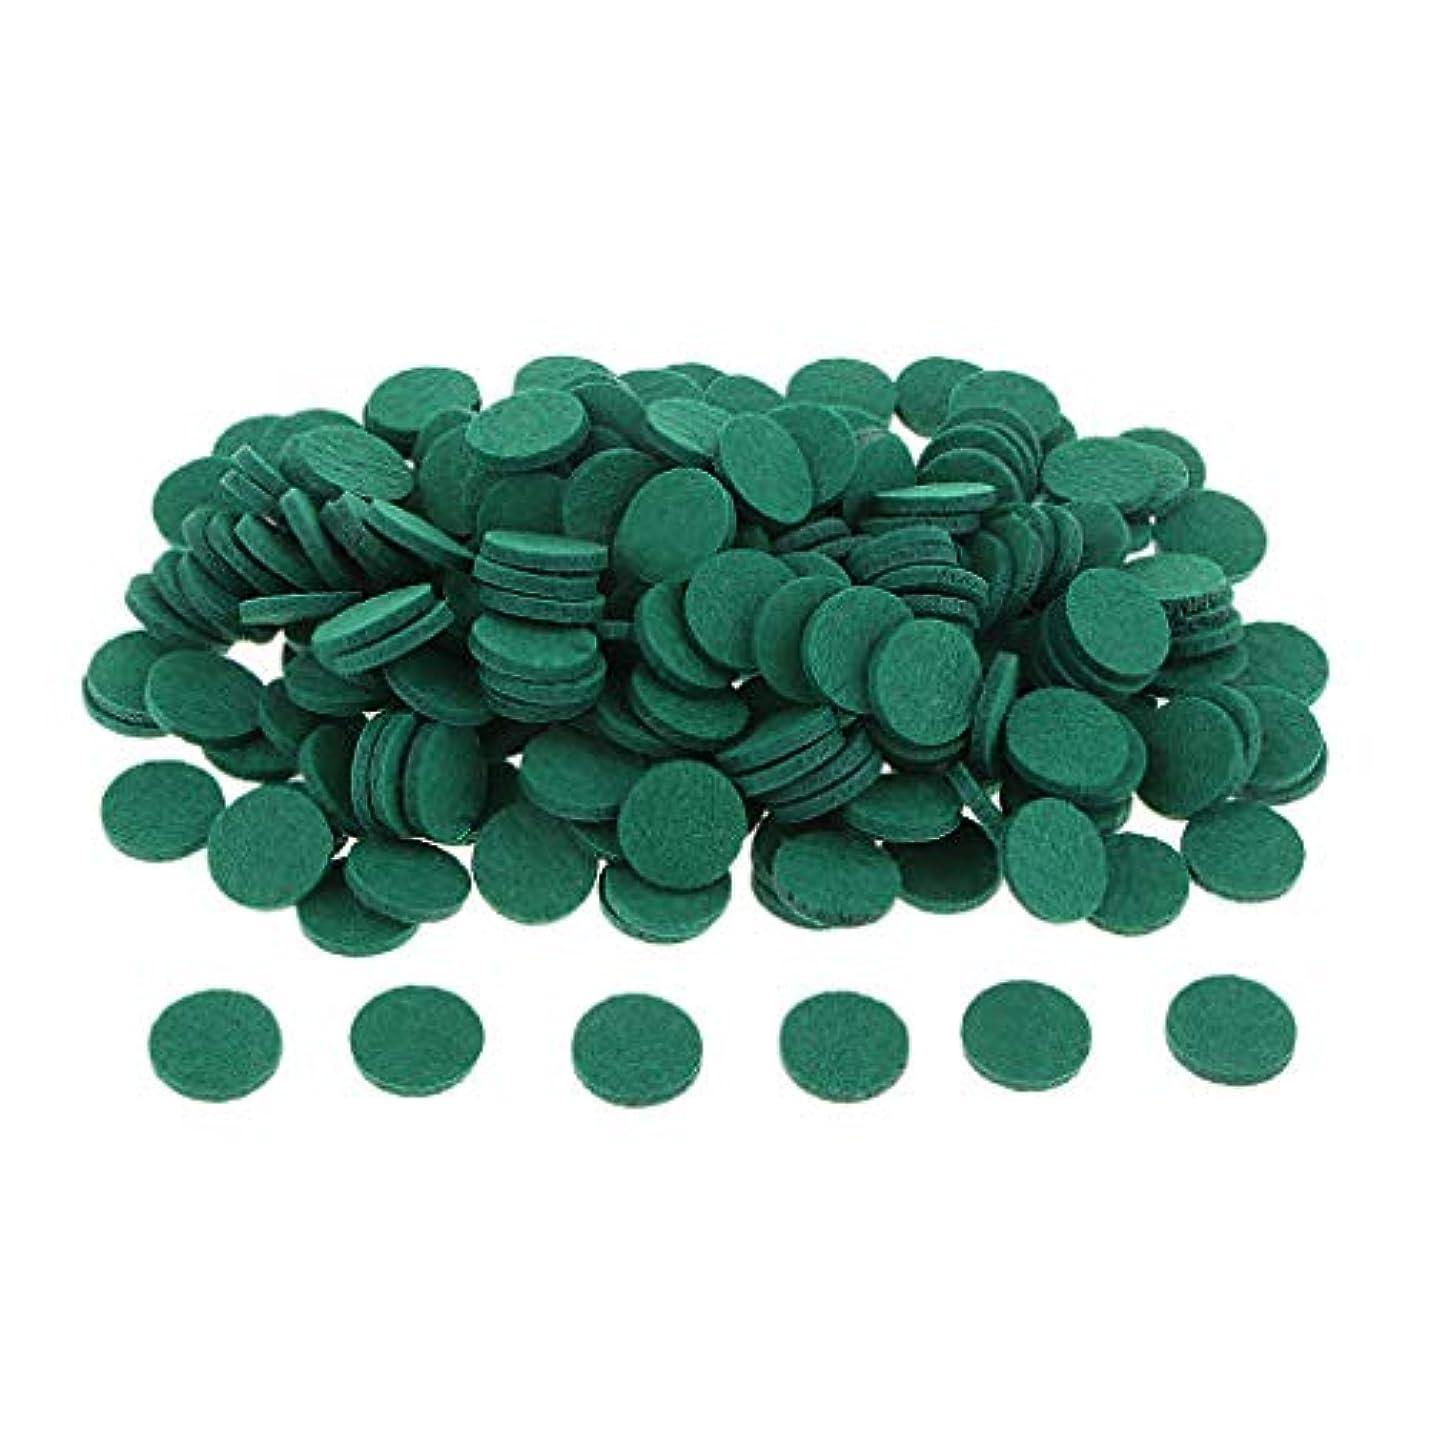 締めるジム普遍的なgazechimp 約200個入り 詰め替えパッド アロマオイルパッド パッド 詰め替え エッセンシャルオイル 部屋 全11色 - 緑